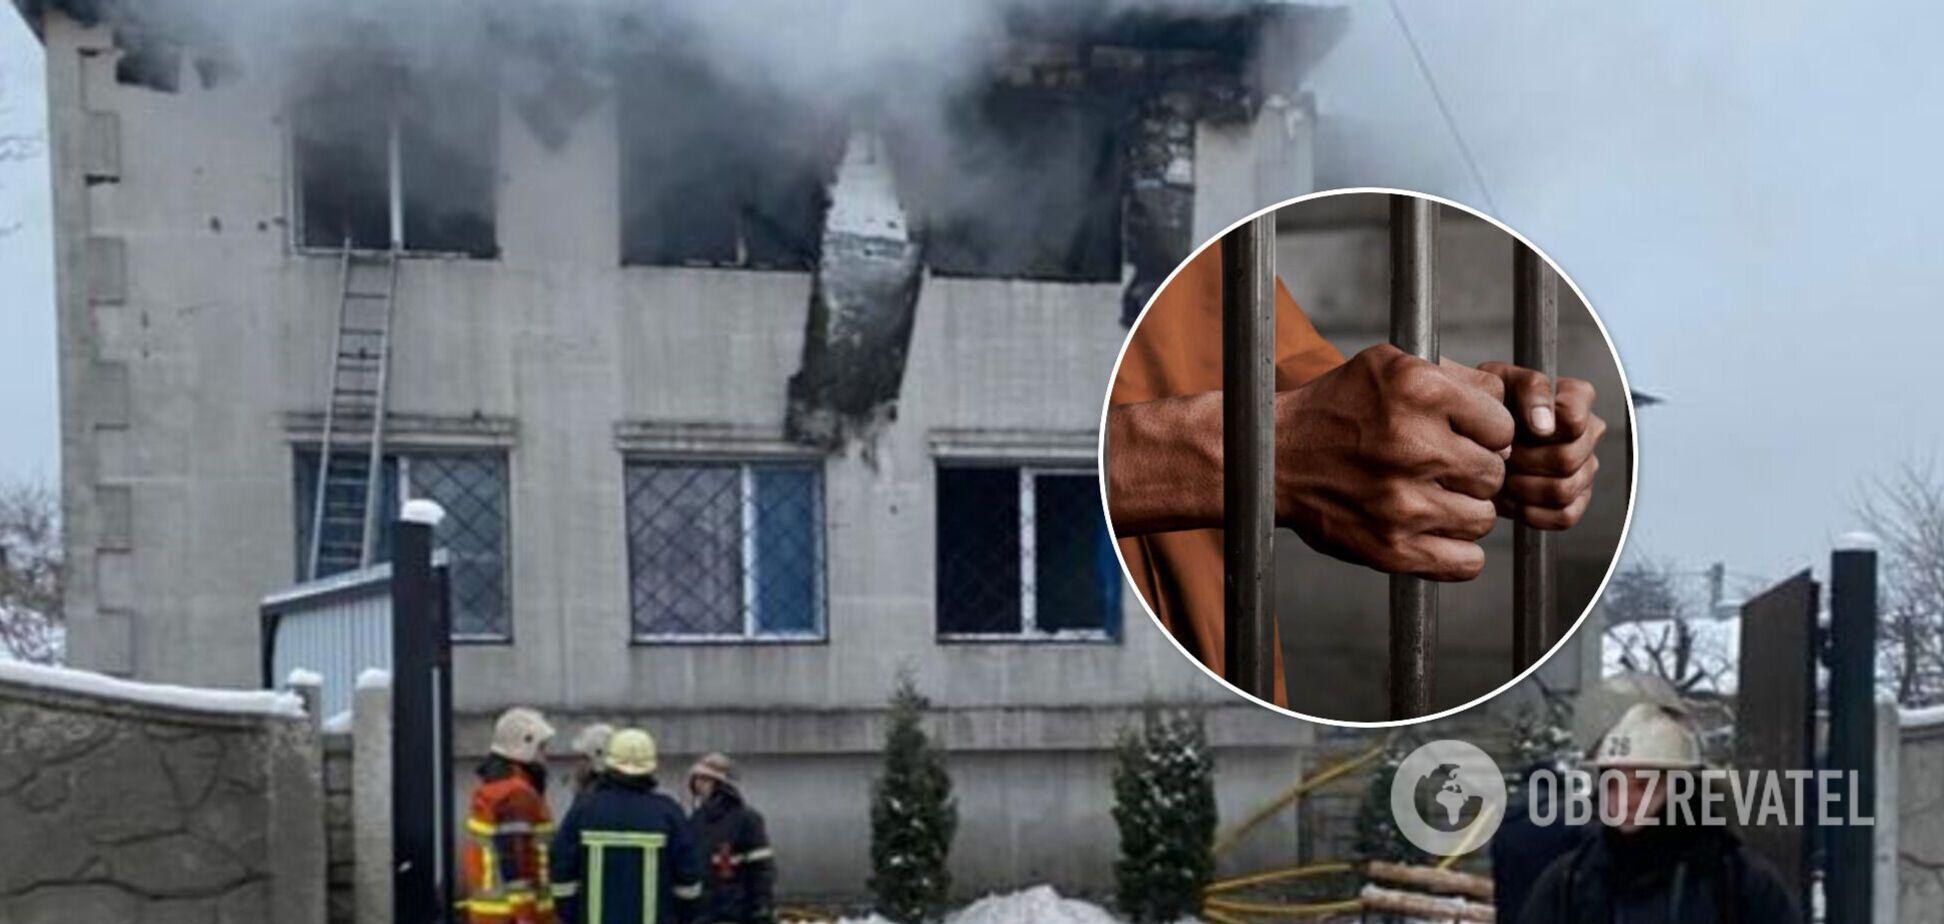 Смертельные пожары в Харькове и Одессе: в Раде предложили сажать в тюрьму за служебную халатность